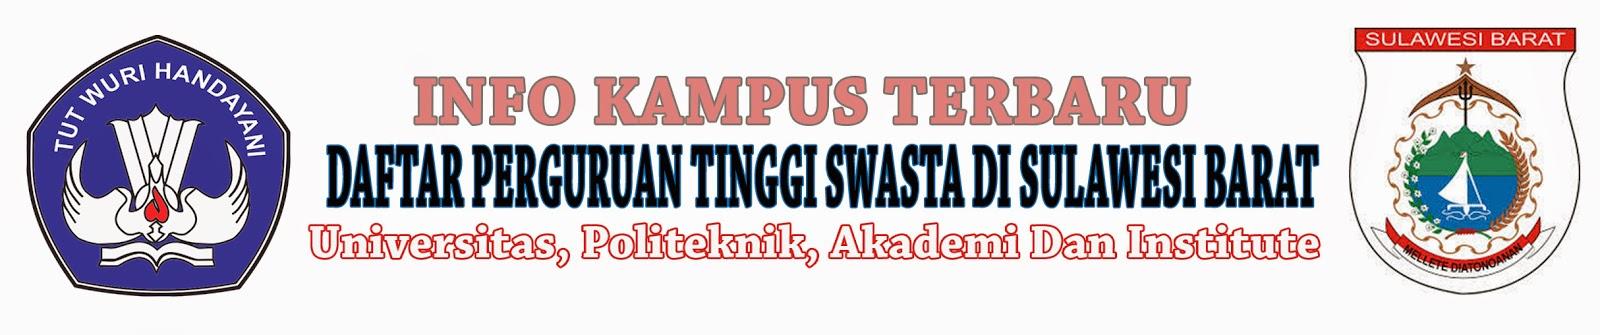 Daftar Perguruan Tinggi Swasta Di Sulawesi Barat